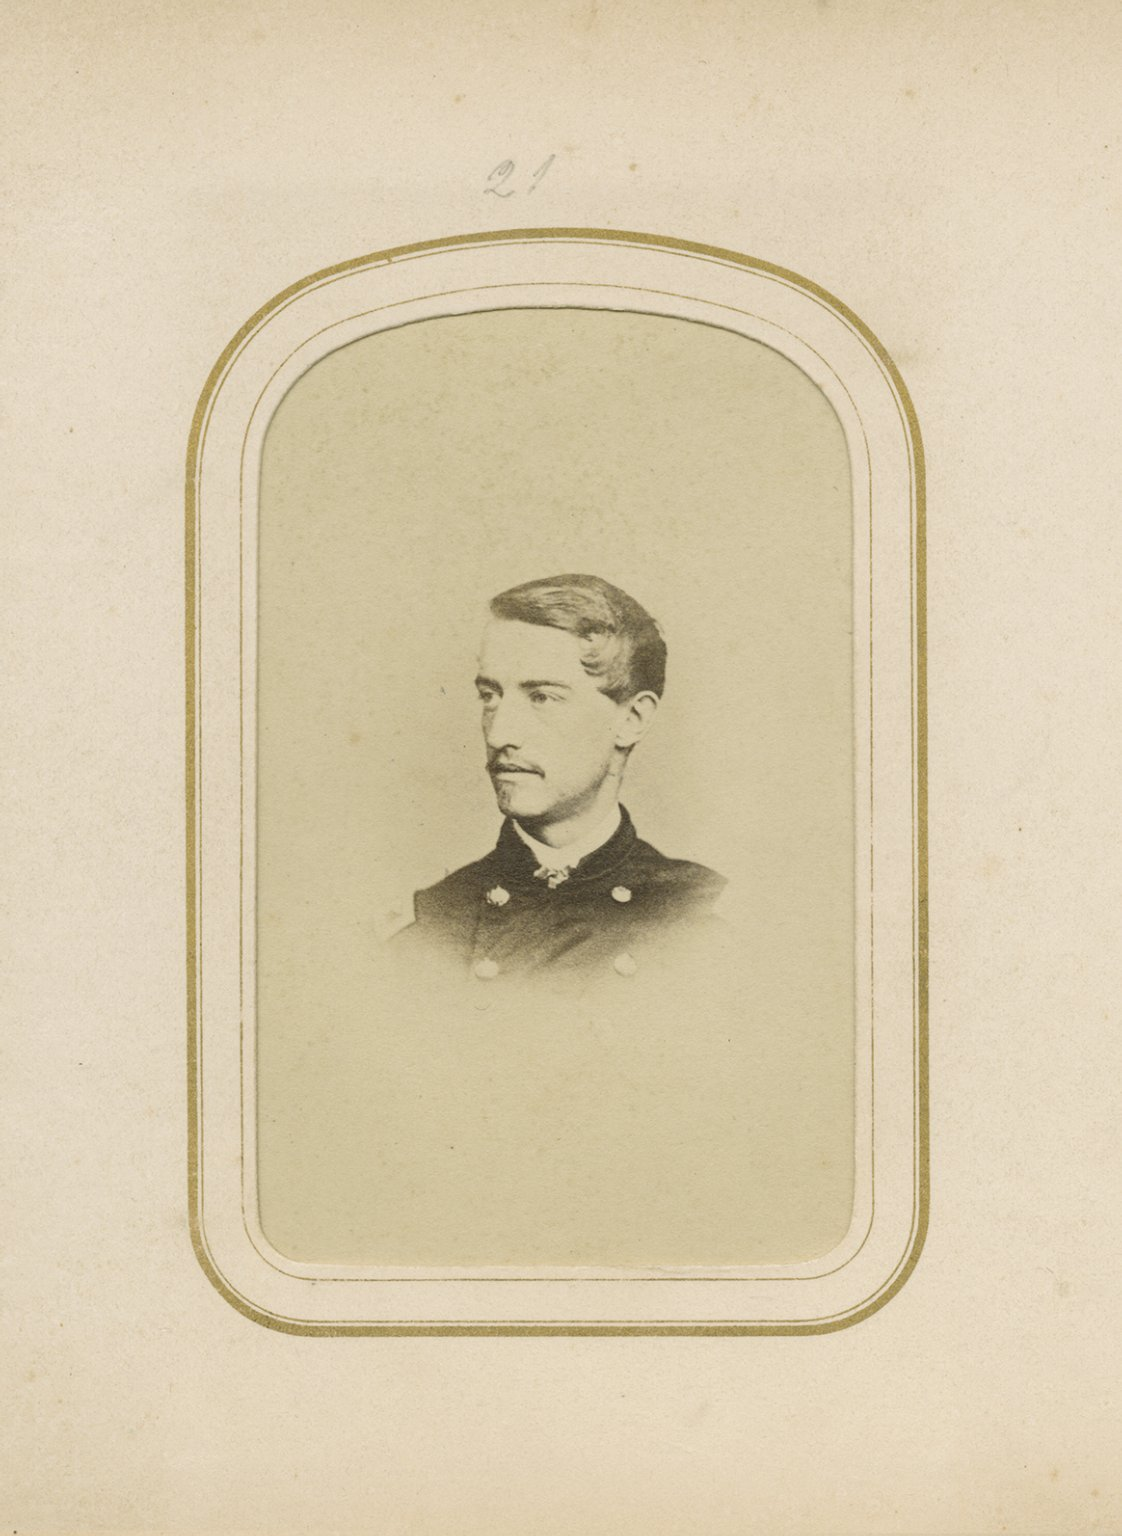 Colonel Dahlgren